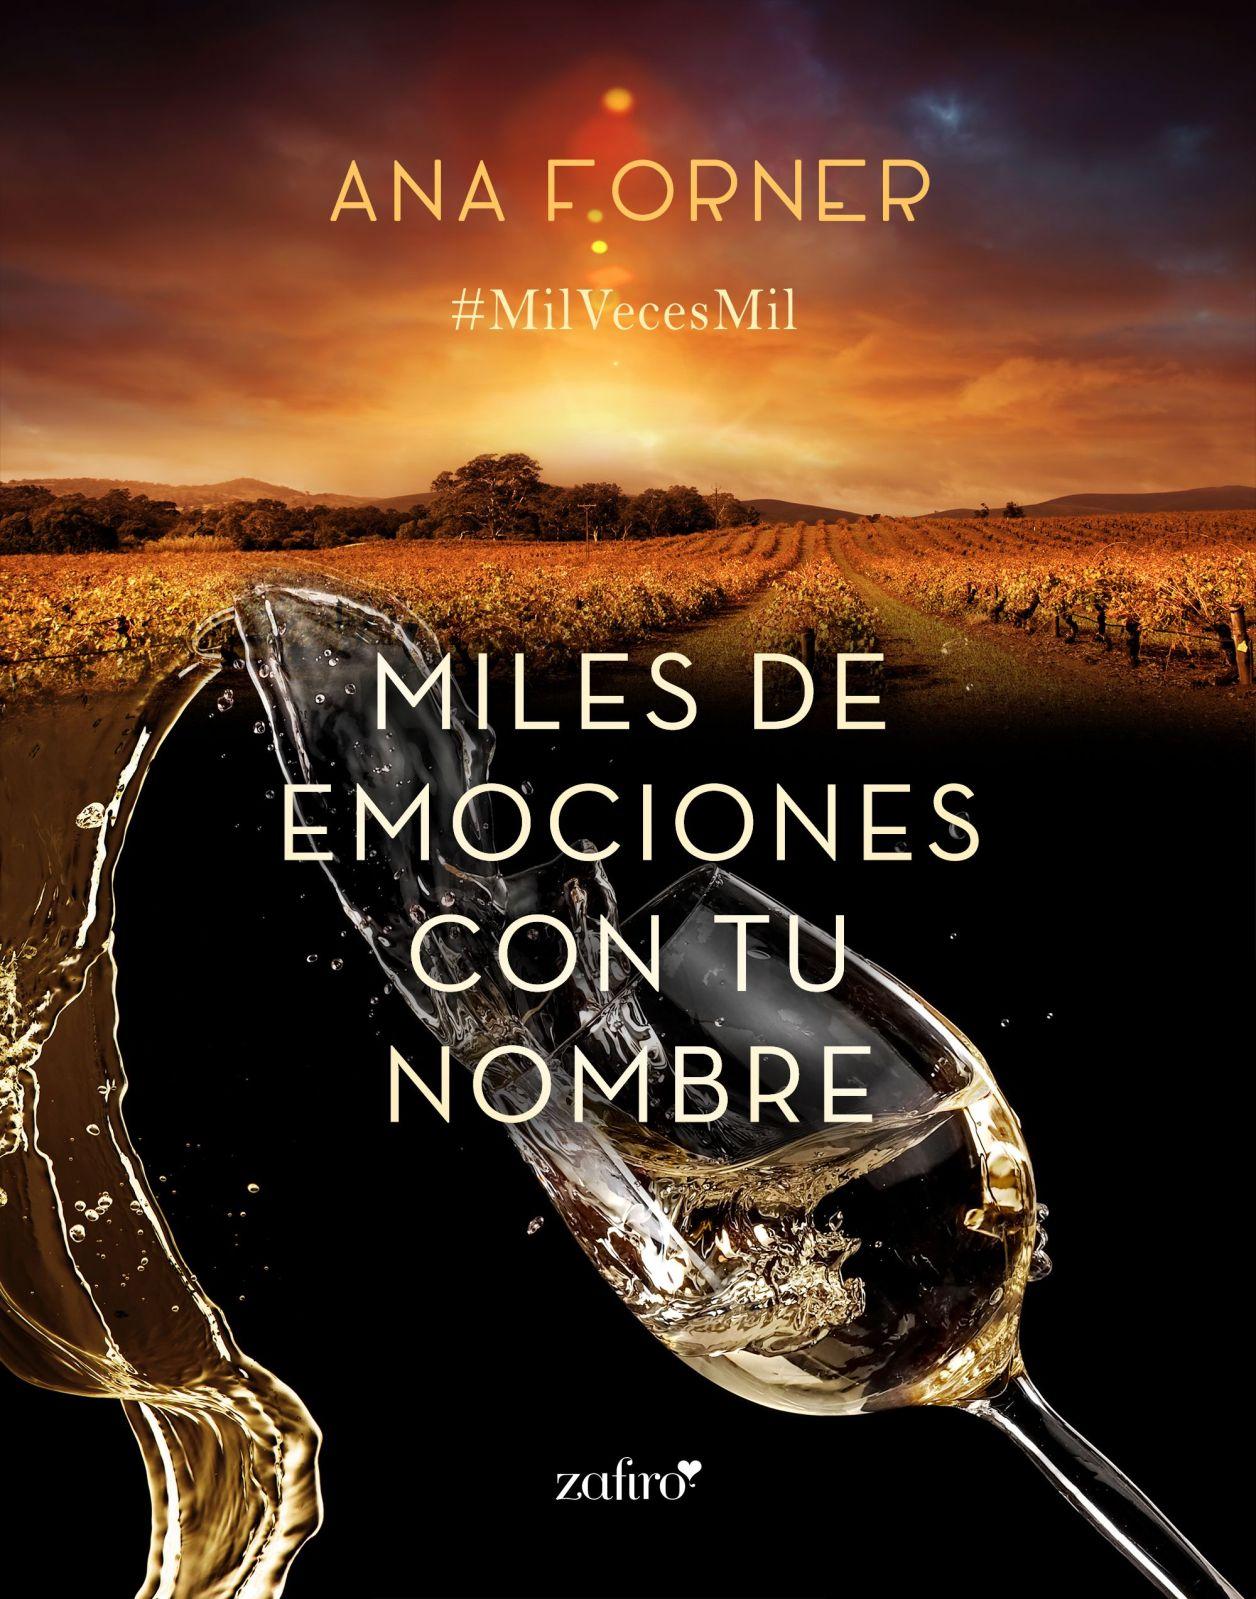 Miles de emociones con tu nombre - Ana Forner 23v4tl